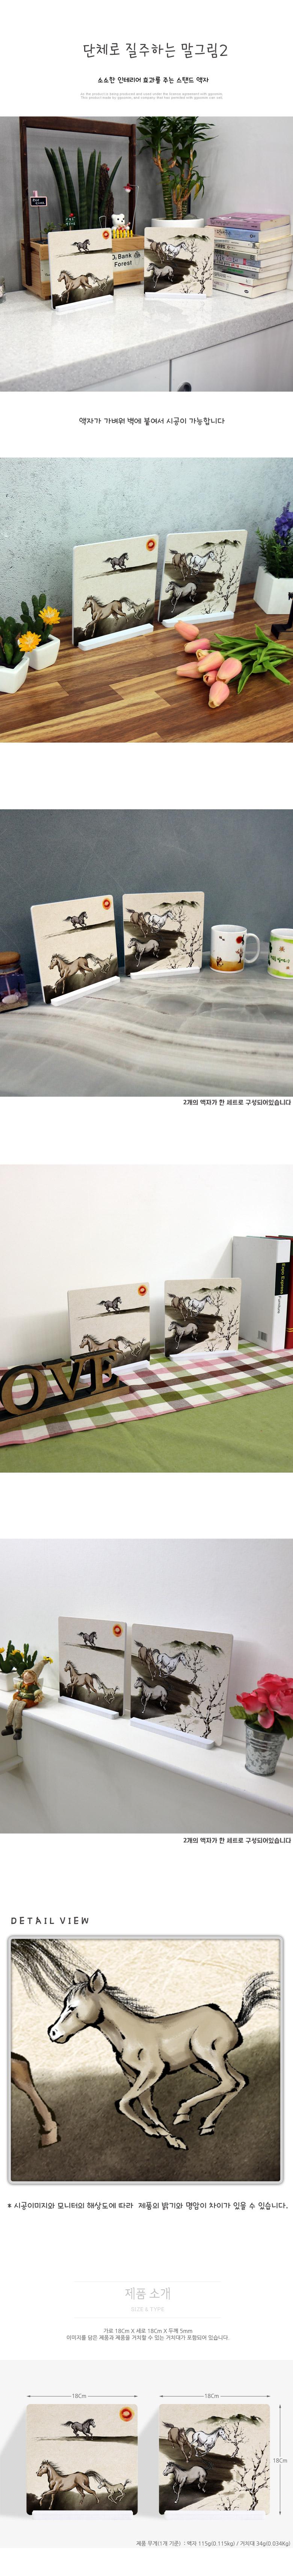 스탠드액자2P단체로질주하는말그림2 - 꾸밈, 12,800원, 홈갤러리, 사진아트